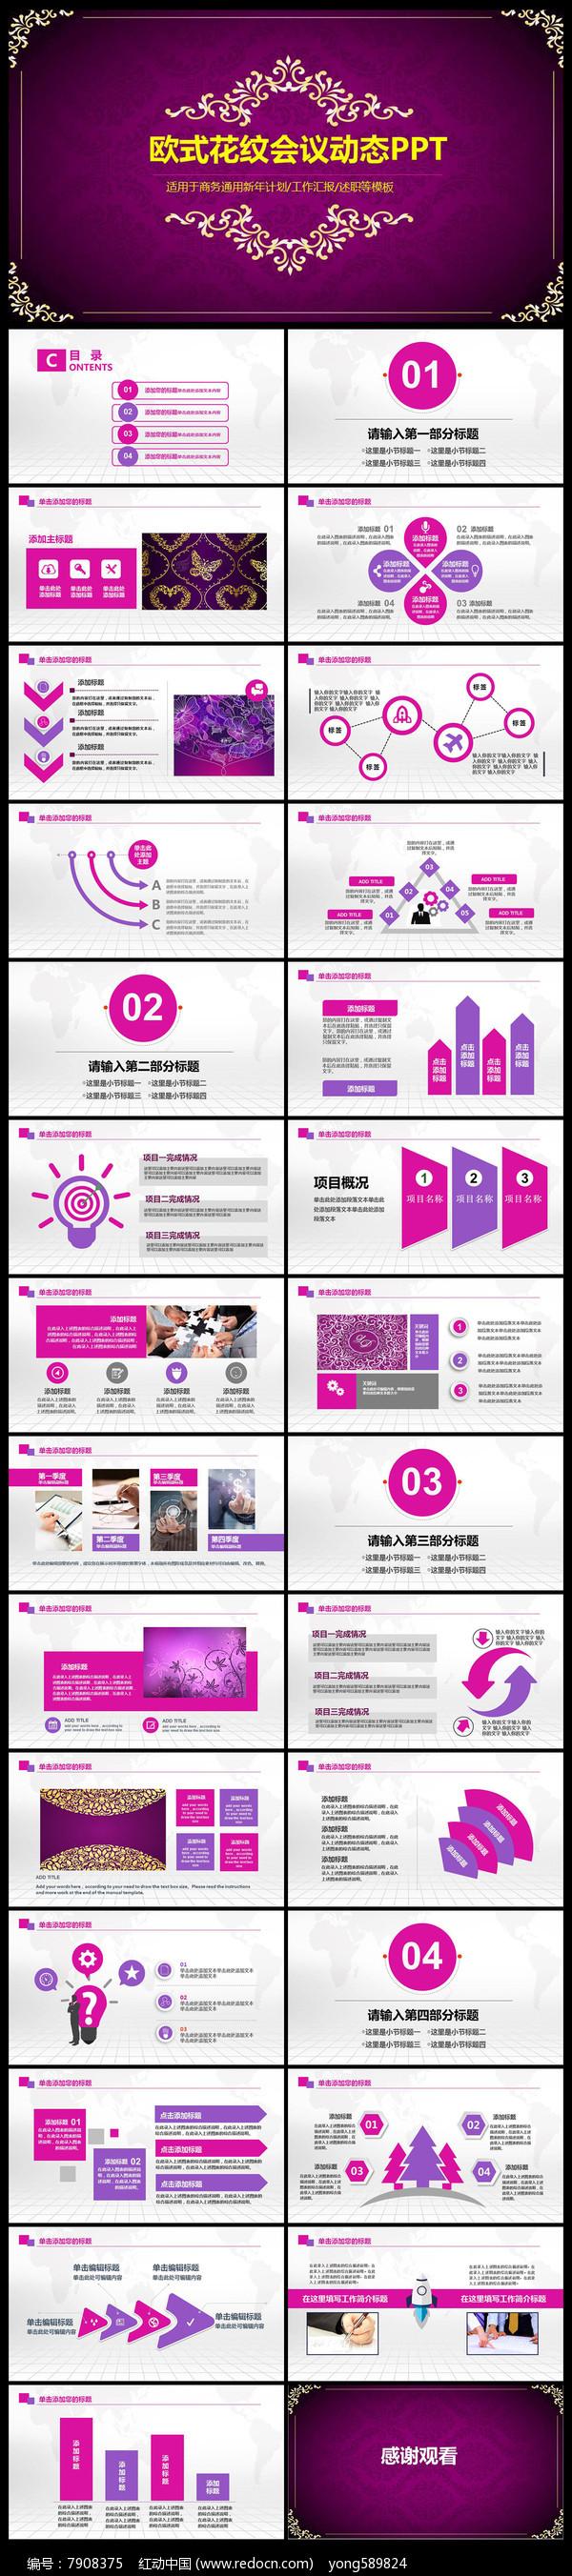 金紫色欧式花纹商务工作总结PPT图片